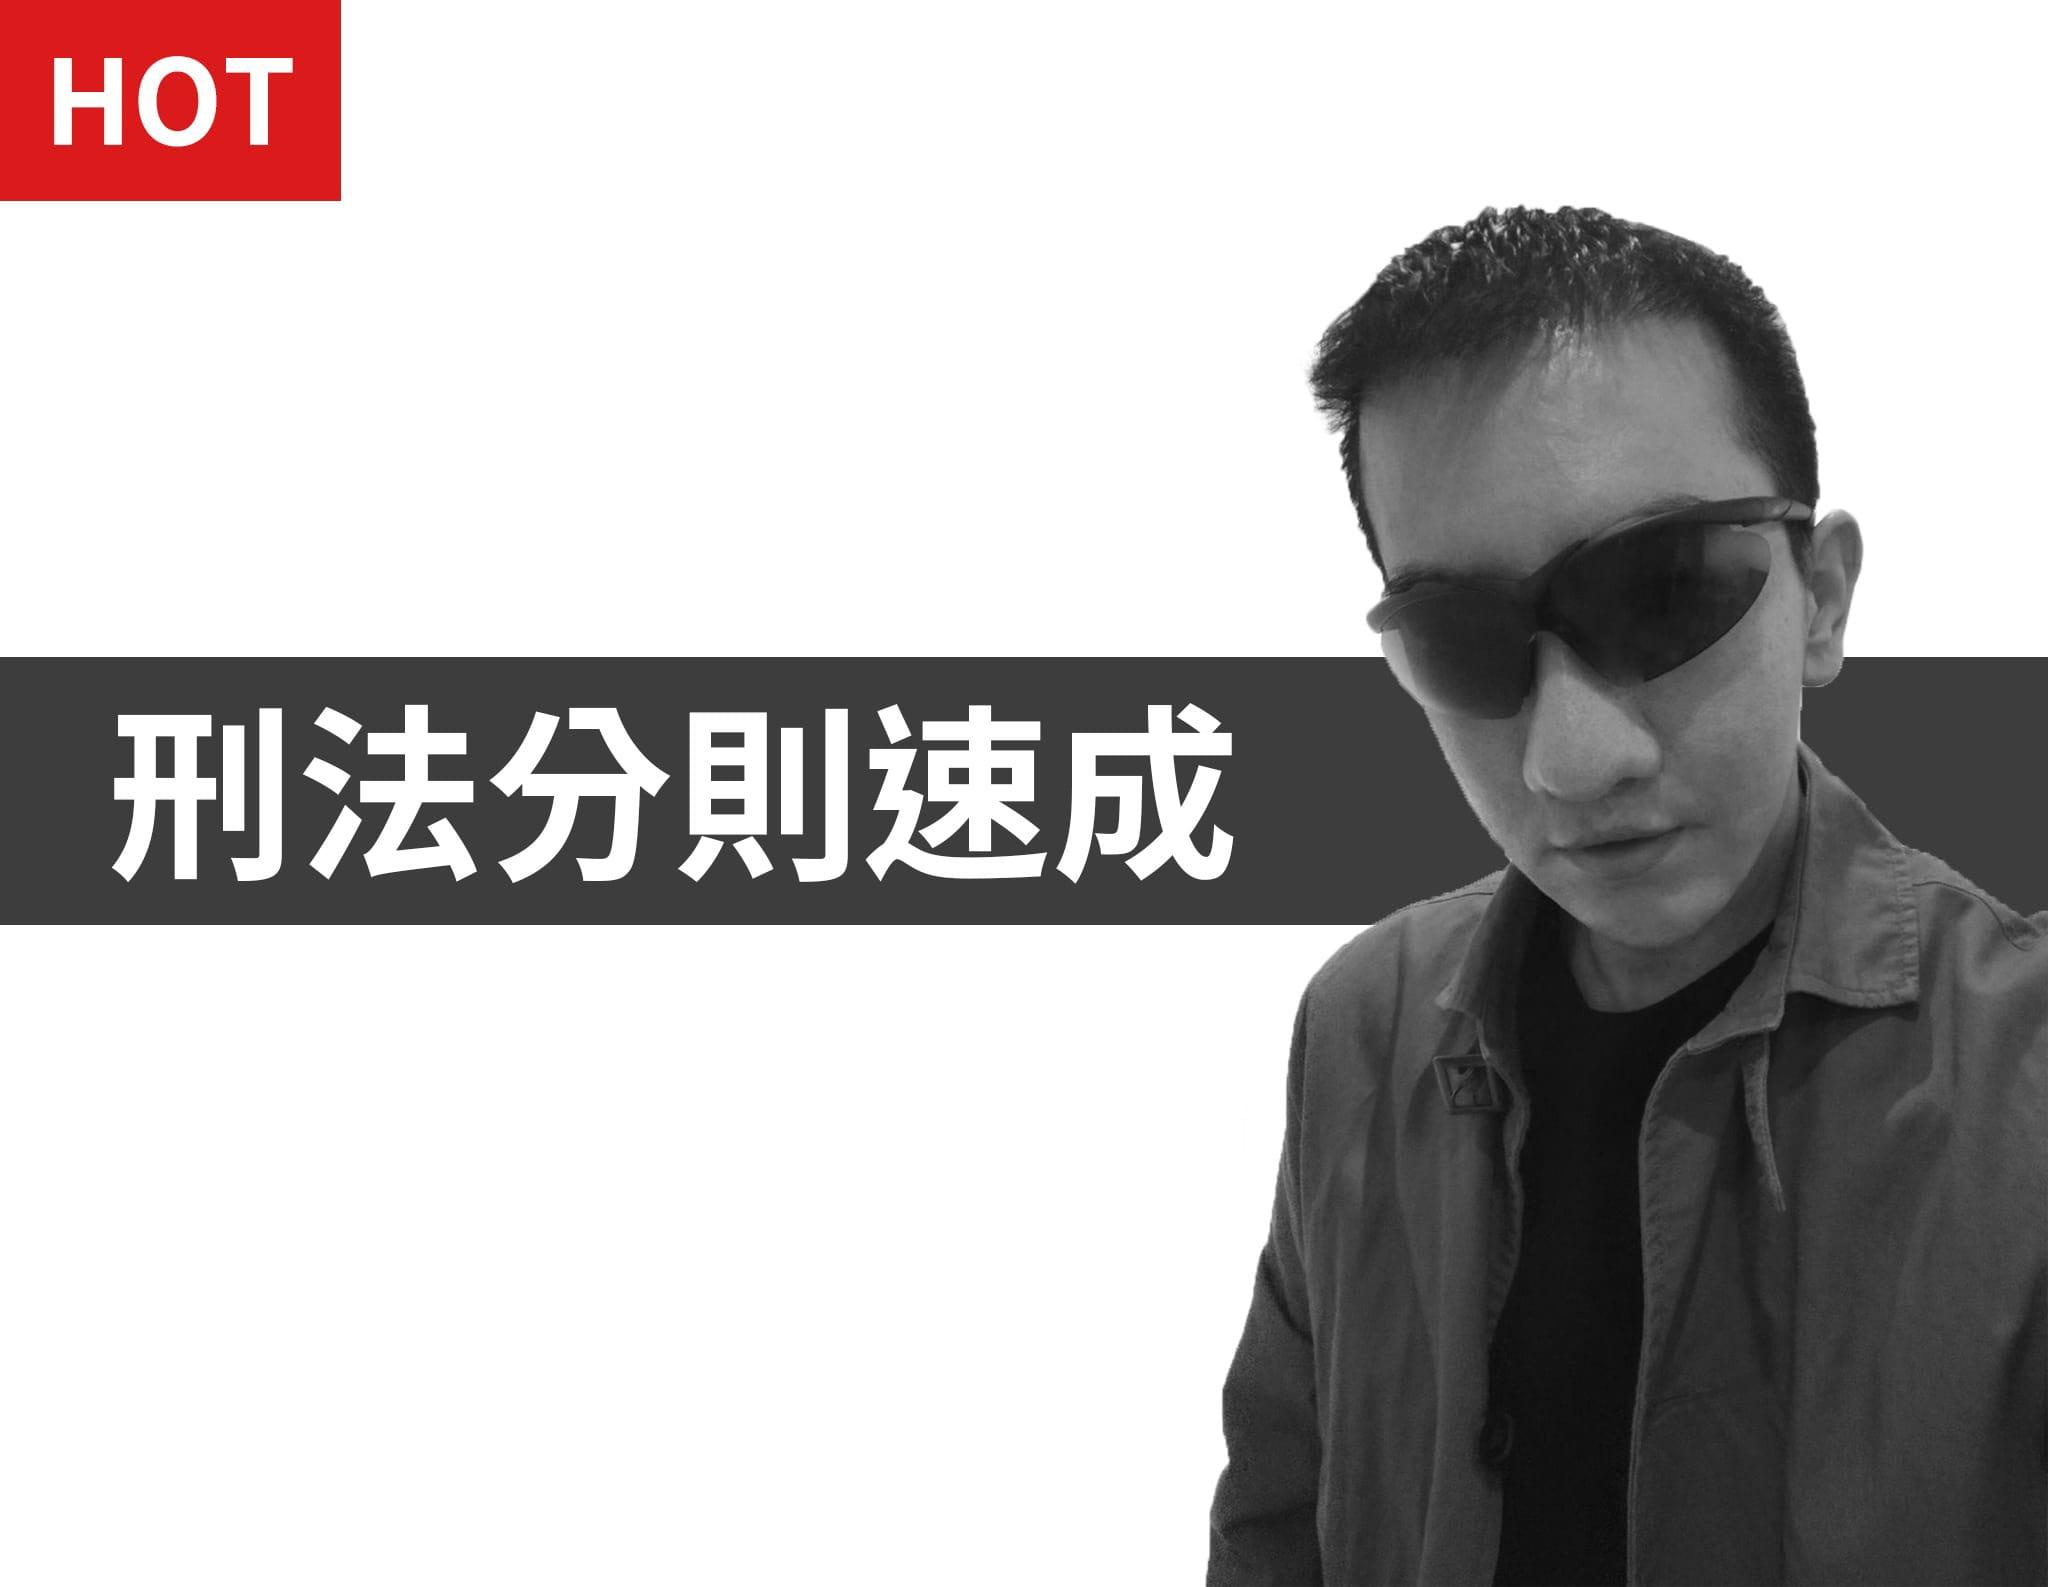 刑法分則ppt速成教學影片(楊律師)-雲端 - 楊律師